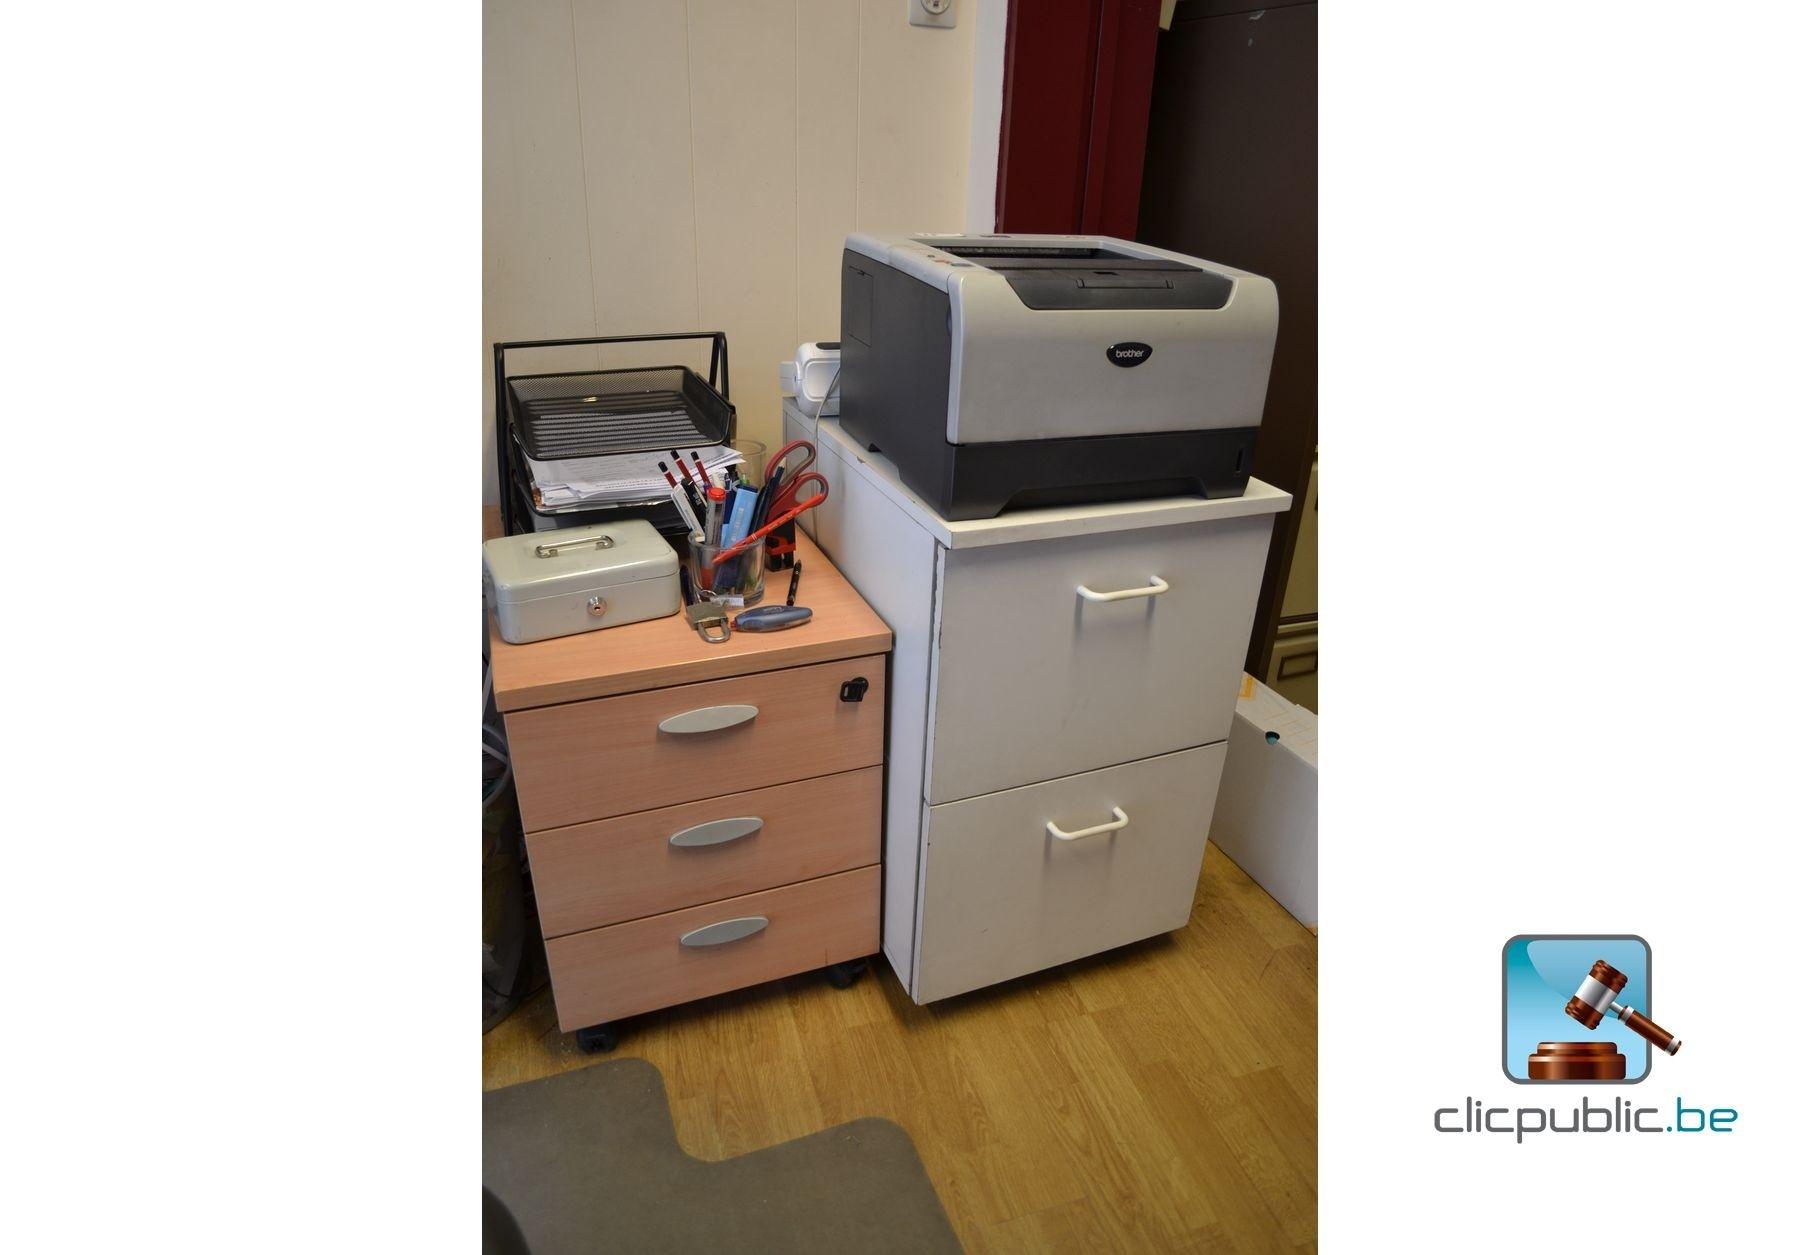 mobilier de bureau et mat riel informatique ref 16 vendre sur. Black Bedroom Furniture Sets. Home Design Ideas